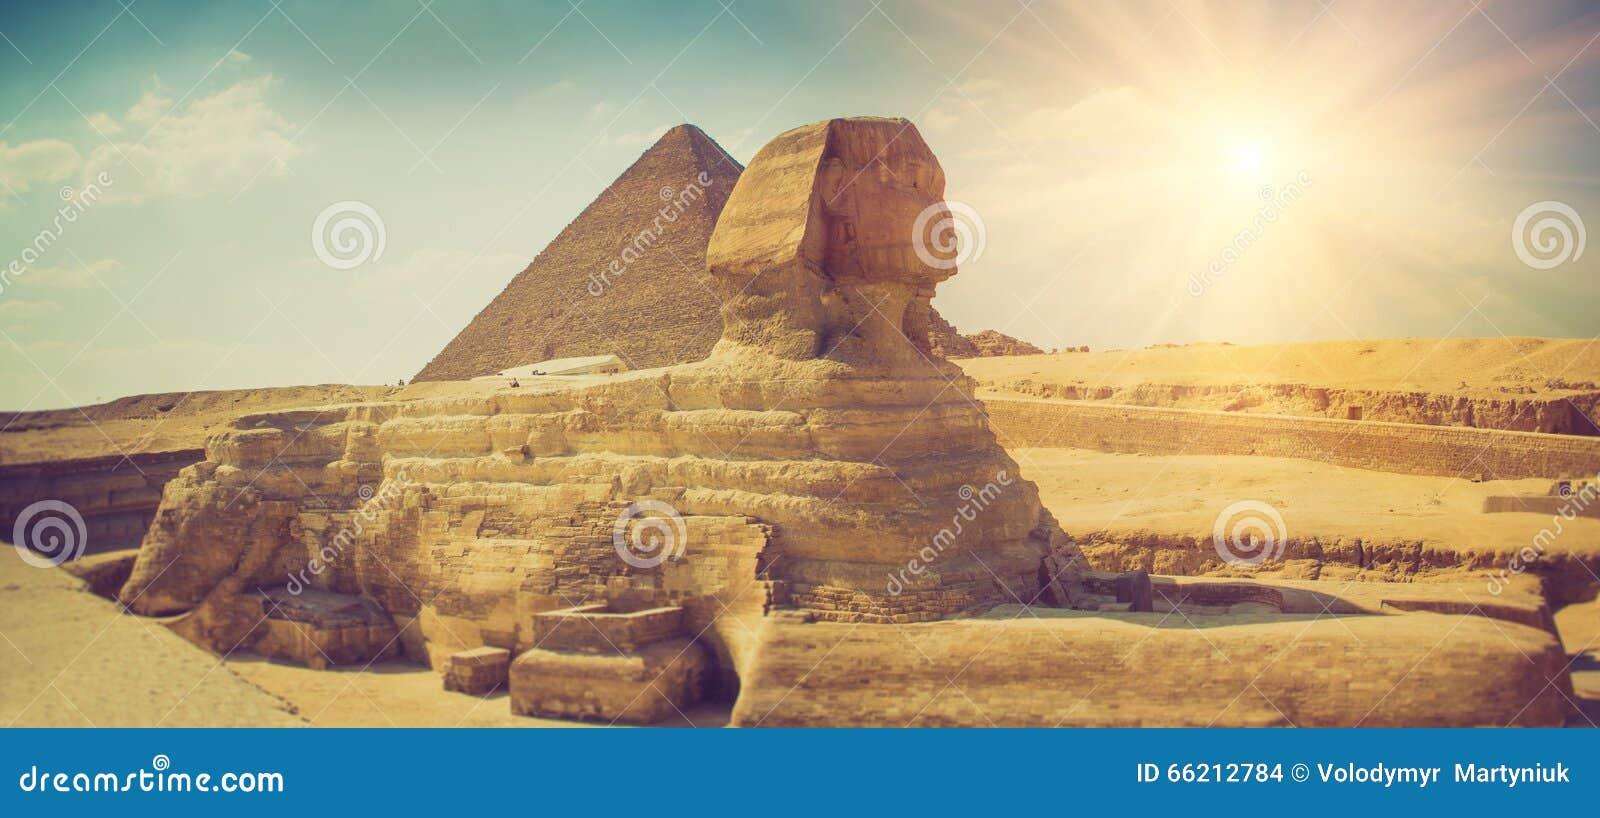 Panoramiczny widok pełny profil Wielki sfinks z ostrosłupem w tle w Giza Egipt